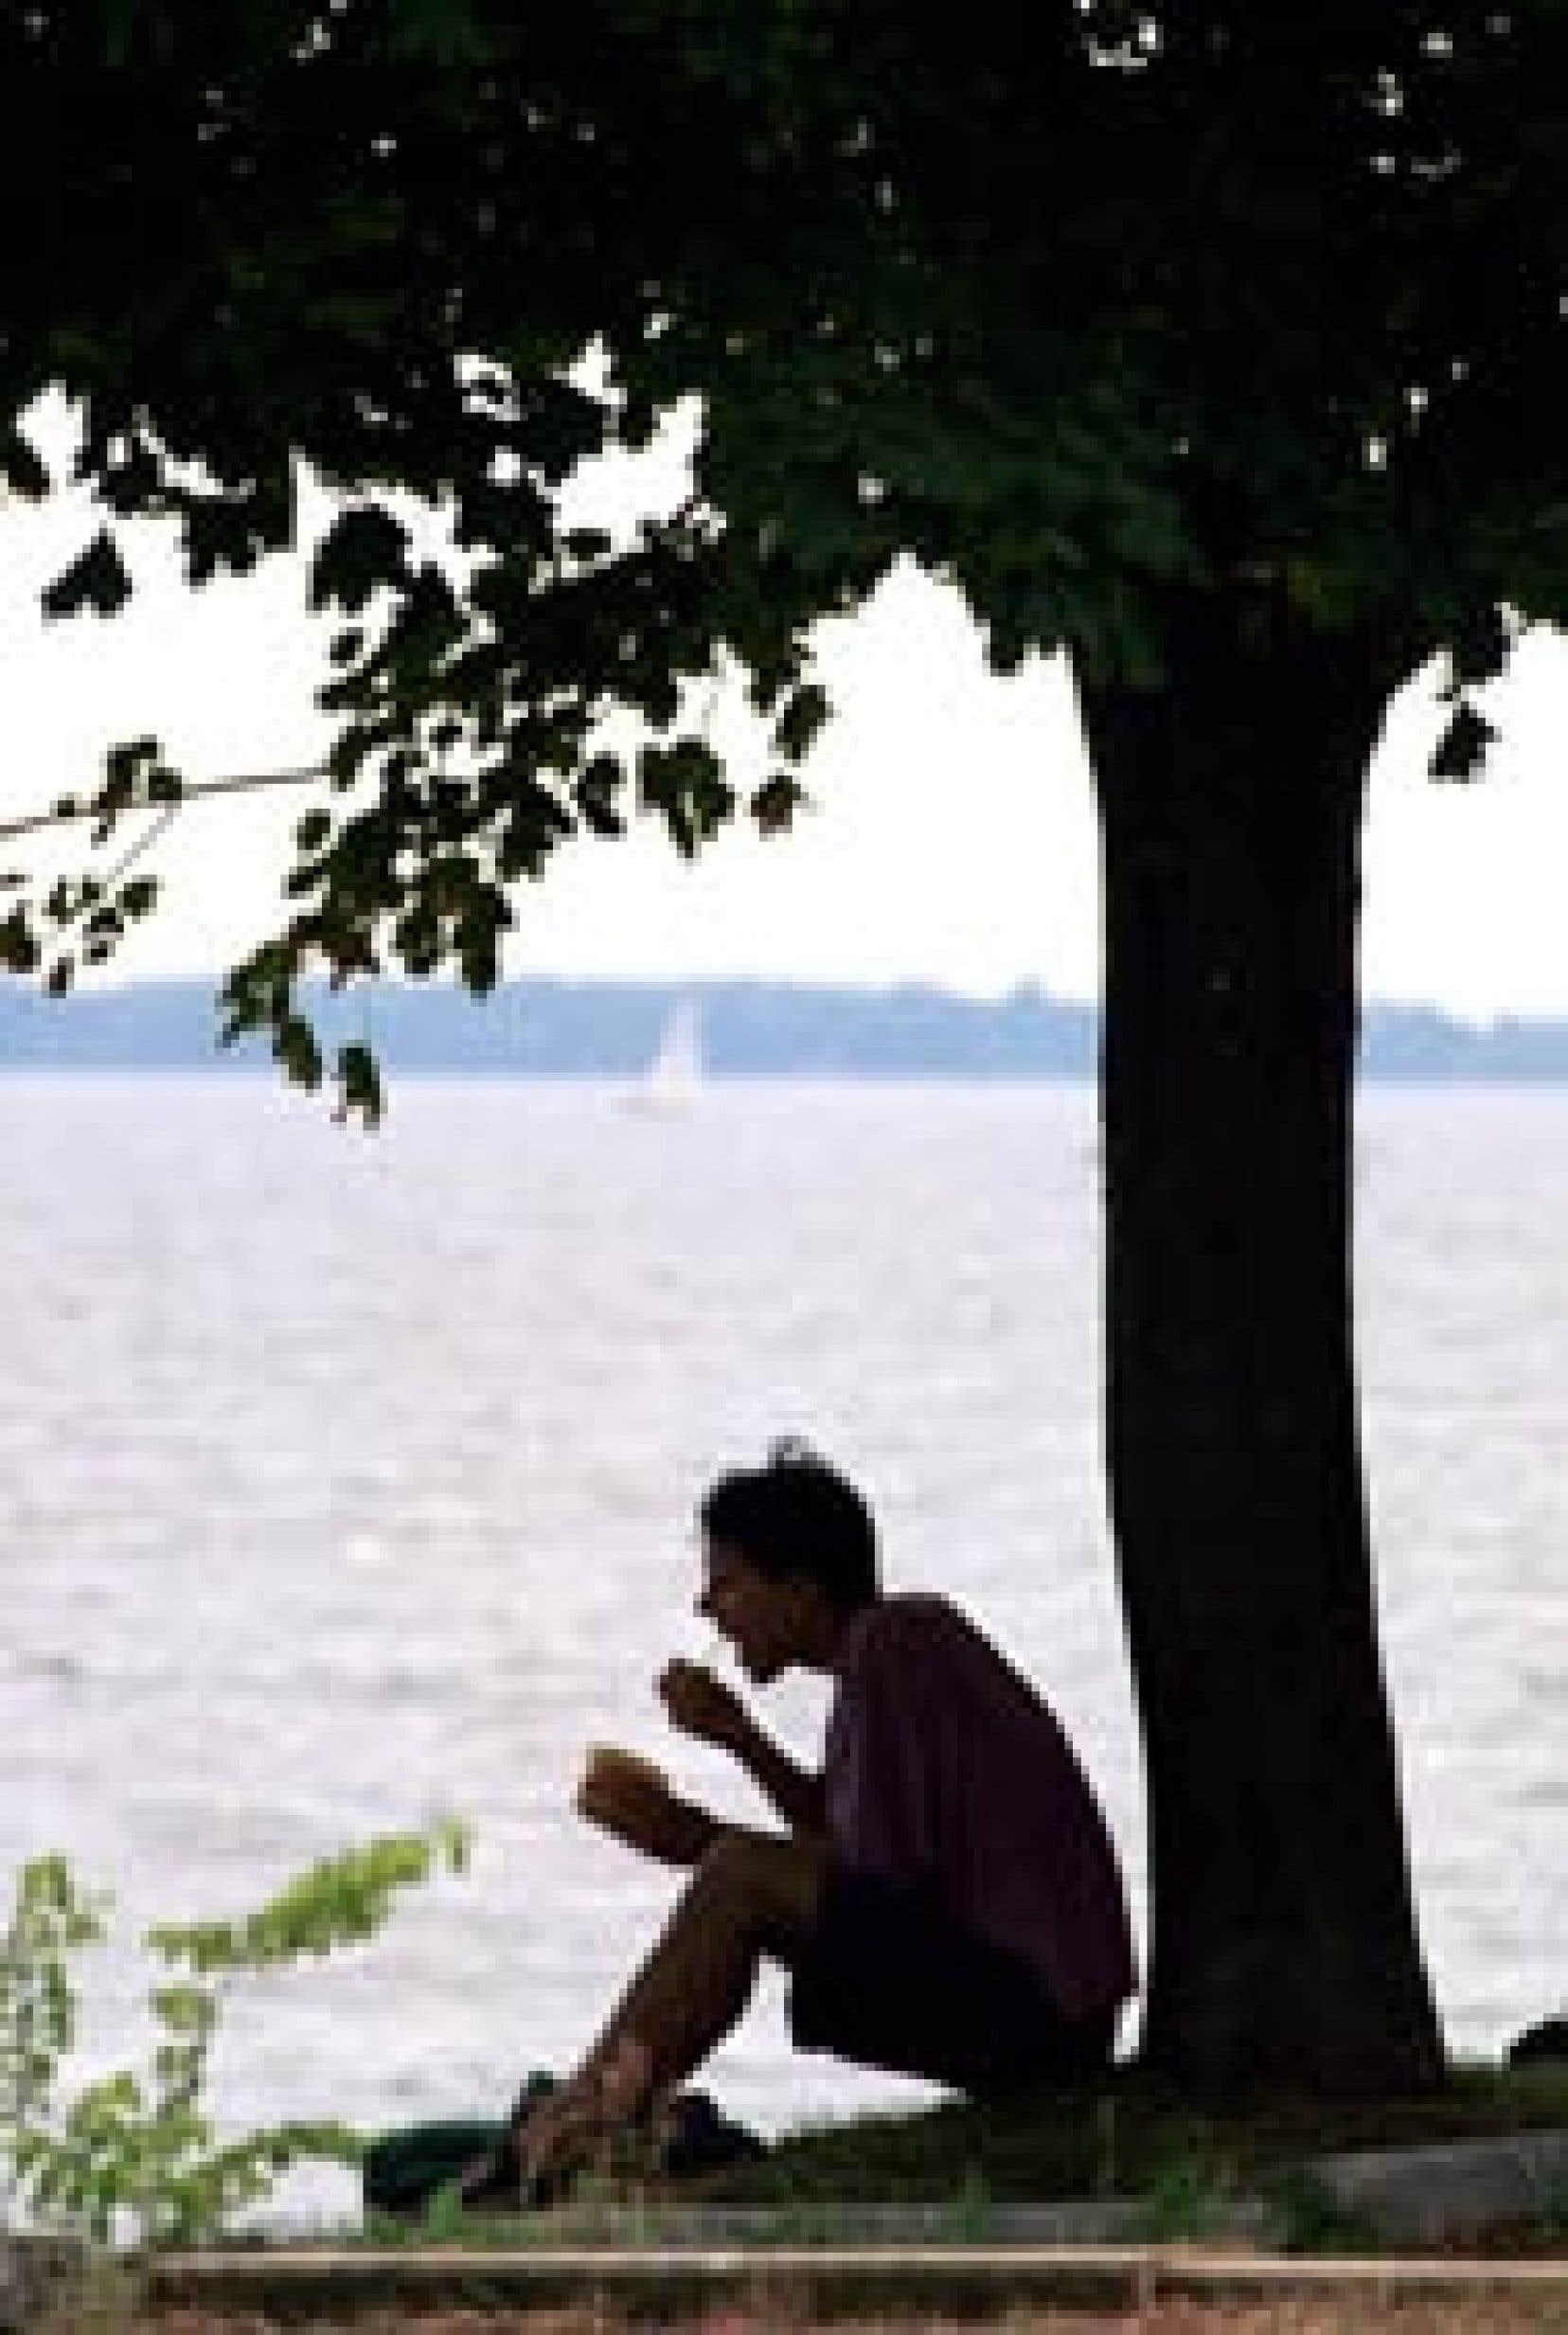 La décontamination éventuelle des Grands Lacs aura un impact positif majeur au Québec puisqu'on évalue que plus du tiers de la pollution toxique du Saint-Laurent provient des Grands Lacs.